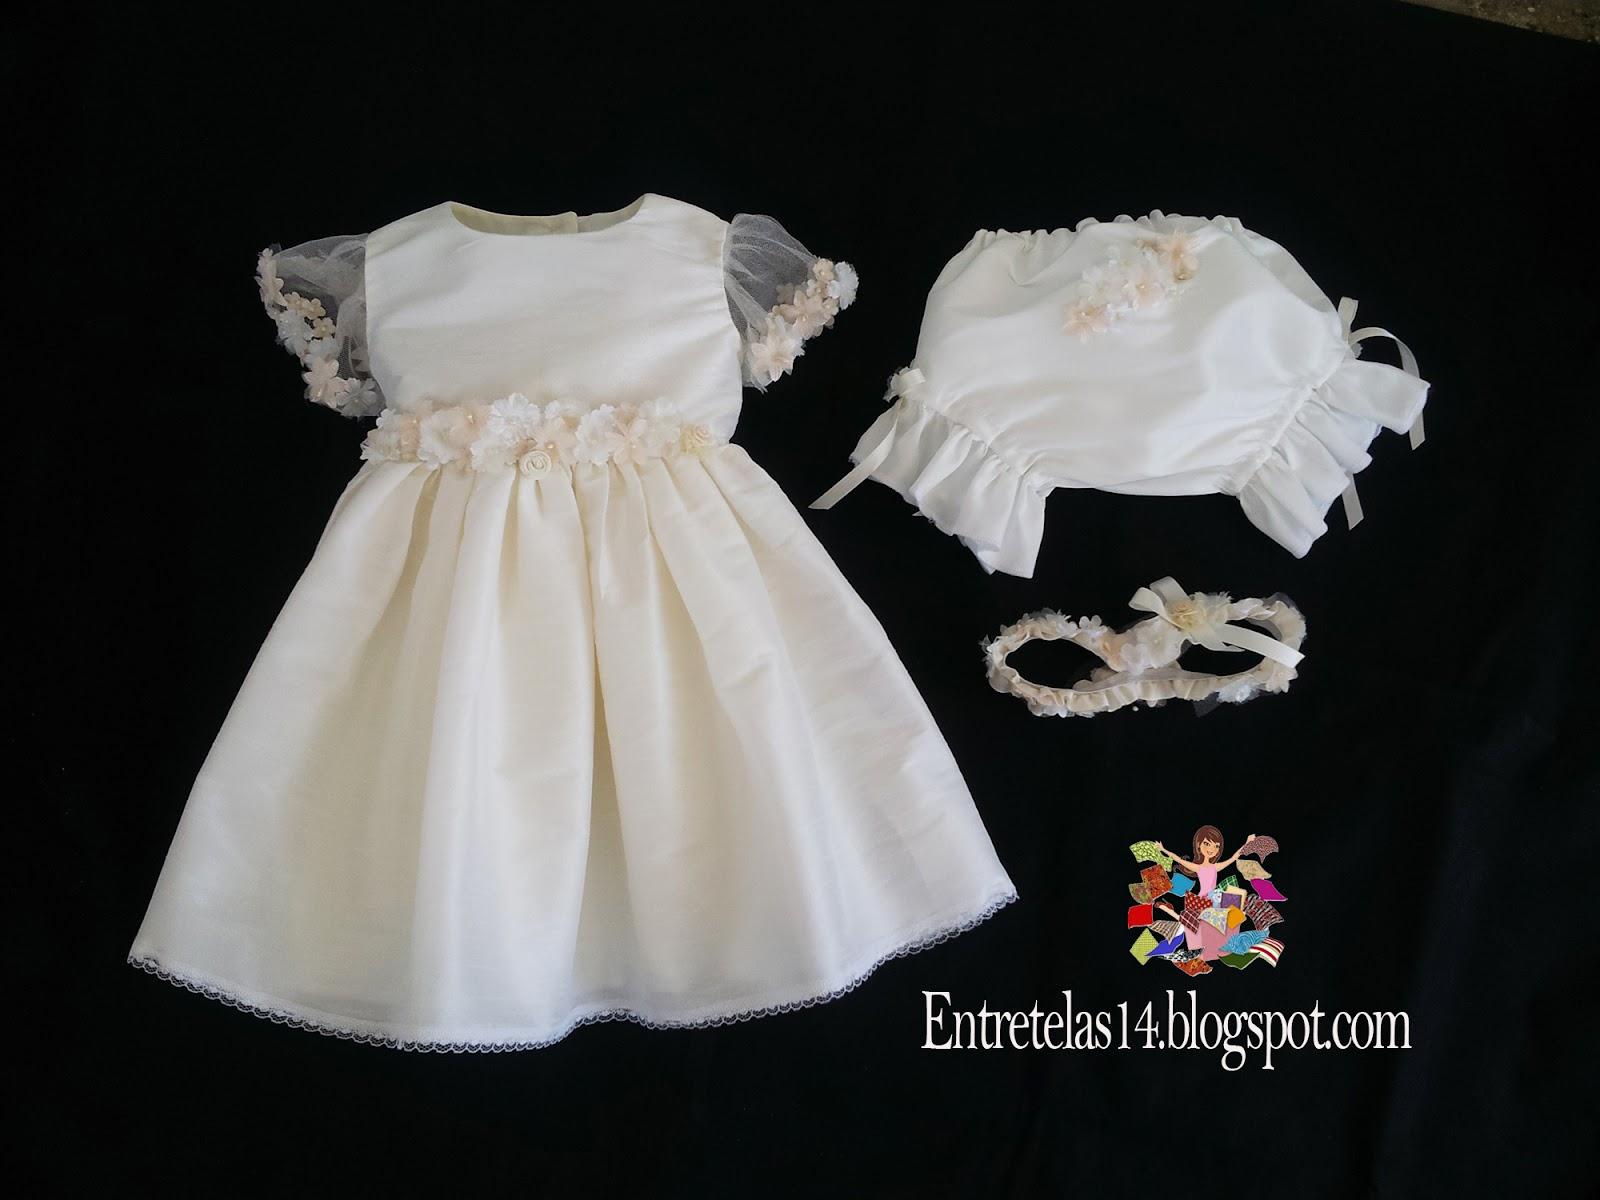 450e5e64f ... un vestido de fiesta o bautizo de niña, ahora enseñare a confeccionar  la pantaleta para combinar con el vestido, es muy fácil de confecciónar, ...